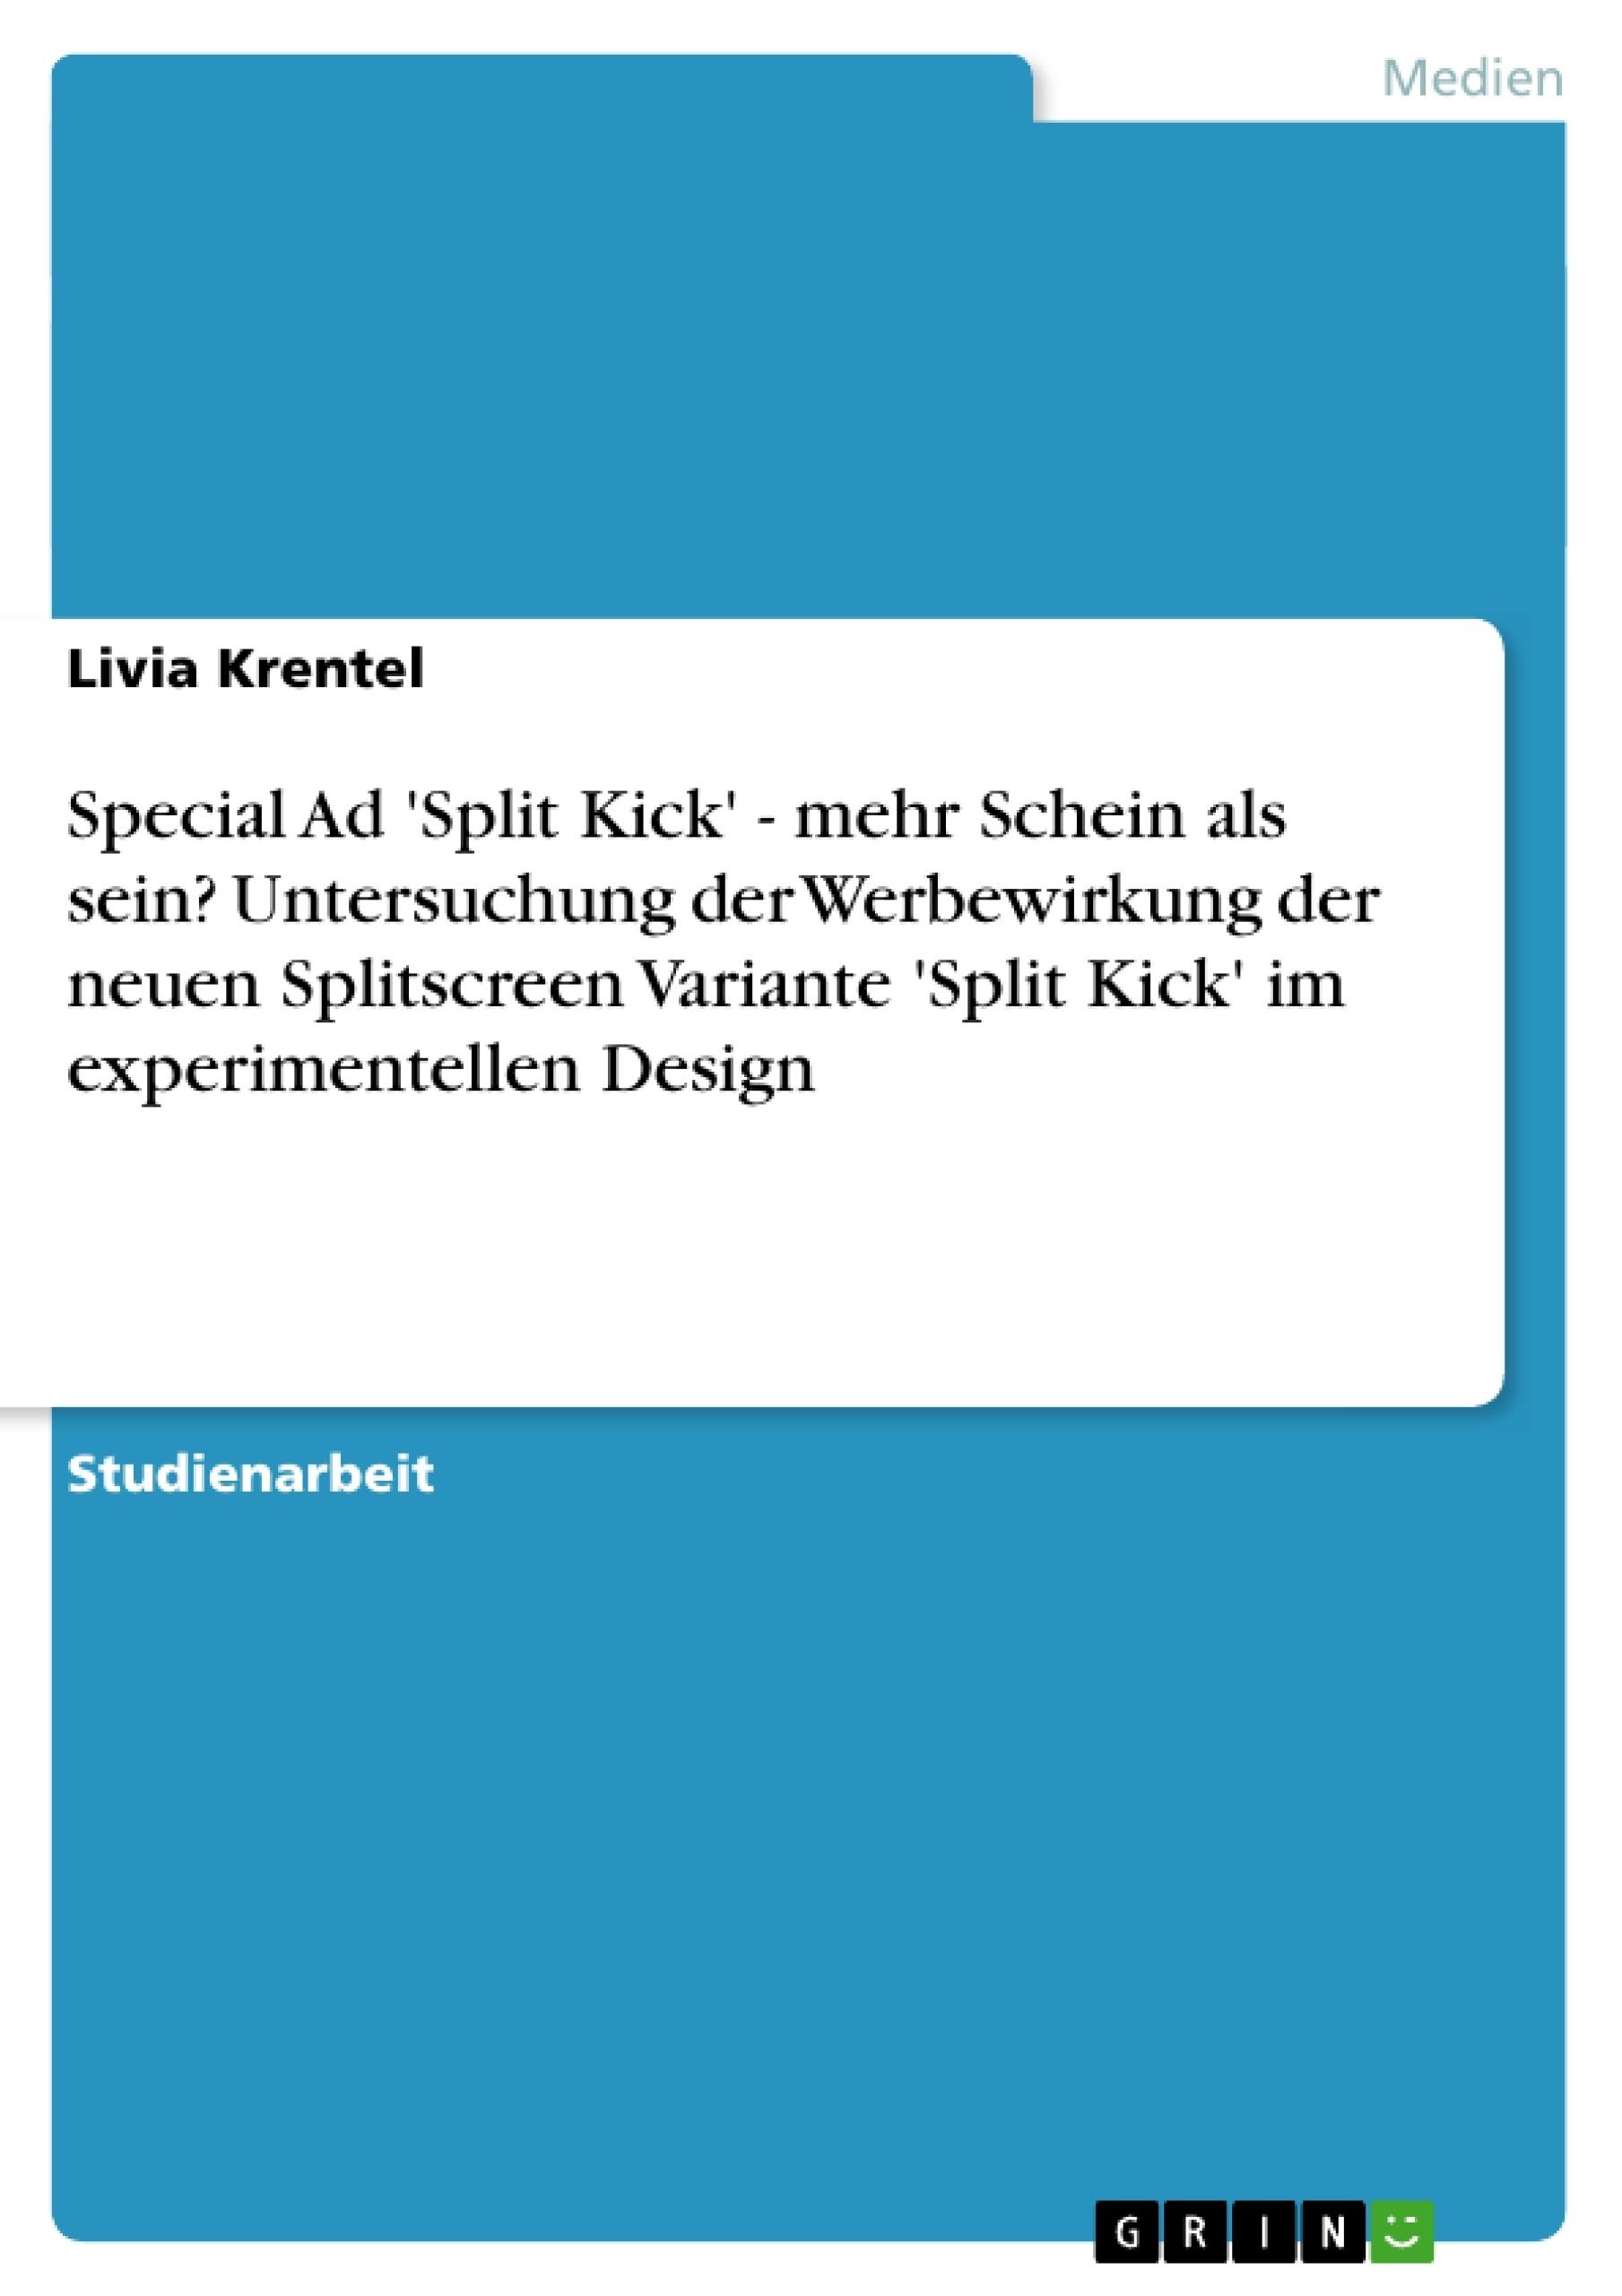 Titel: Special Ad 'Split Kick' - mehr Schein als sein? Untersuchung der Werbewirkung der neuen Splitscreen Variante 'Split Kick' im experimentellen Design